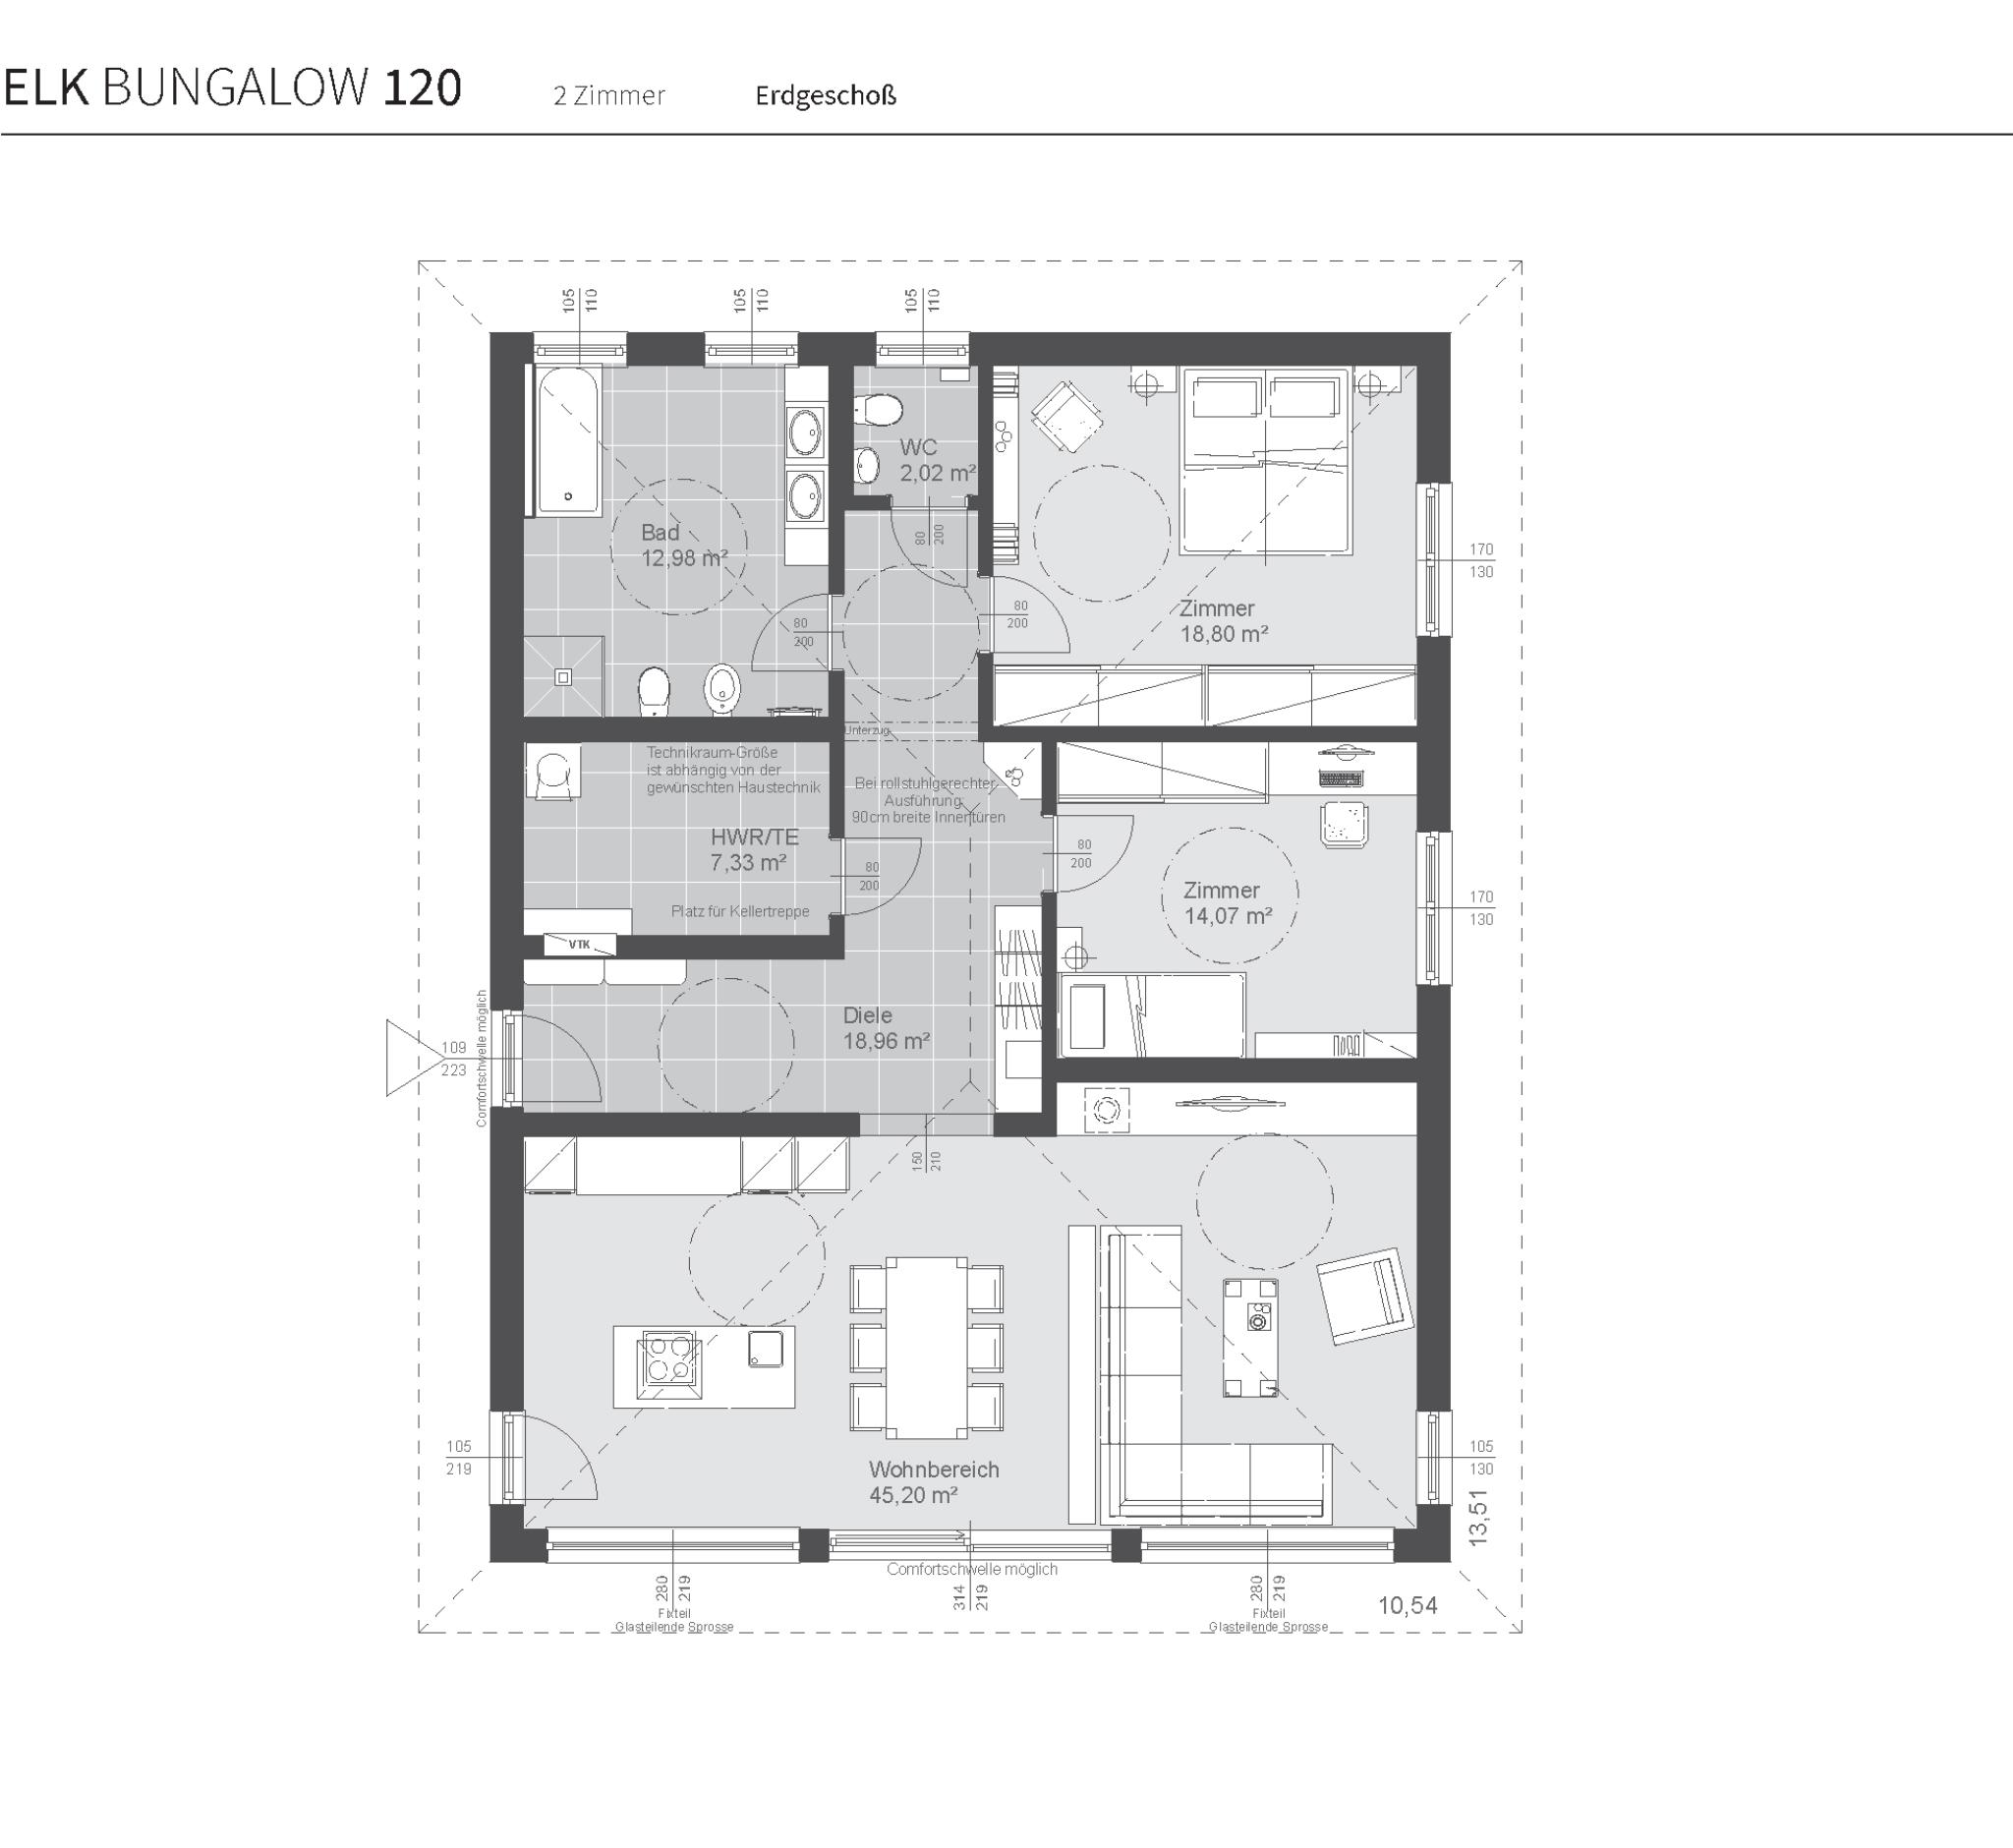 grundriss-fertighaus-elk-bungalow-120-erdgeschoss-walmdach-2-zimmer